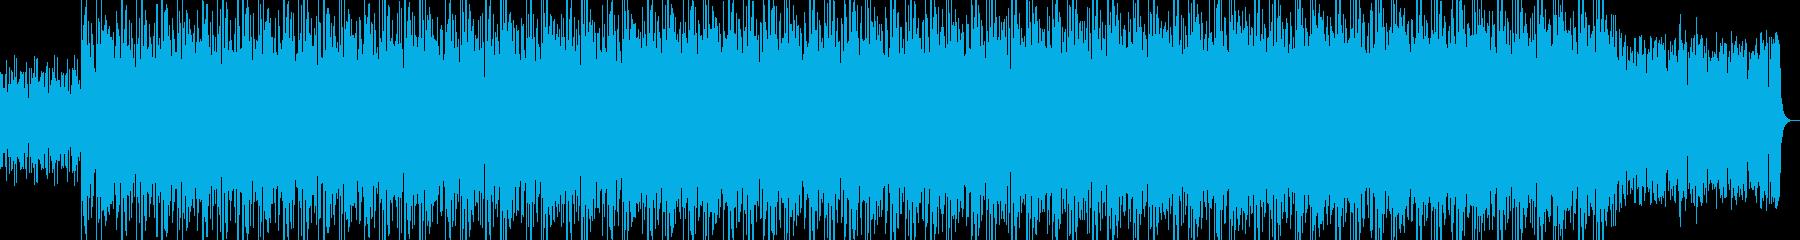 実験的な エキゾチック 暗い ホラ...の再生済みの波形